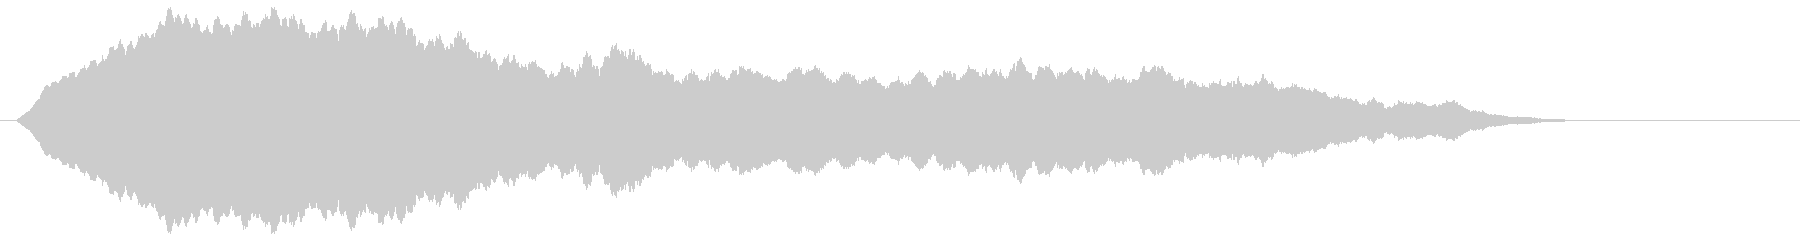 高周波のベッドベルドローンの未再生の波形